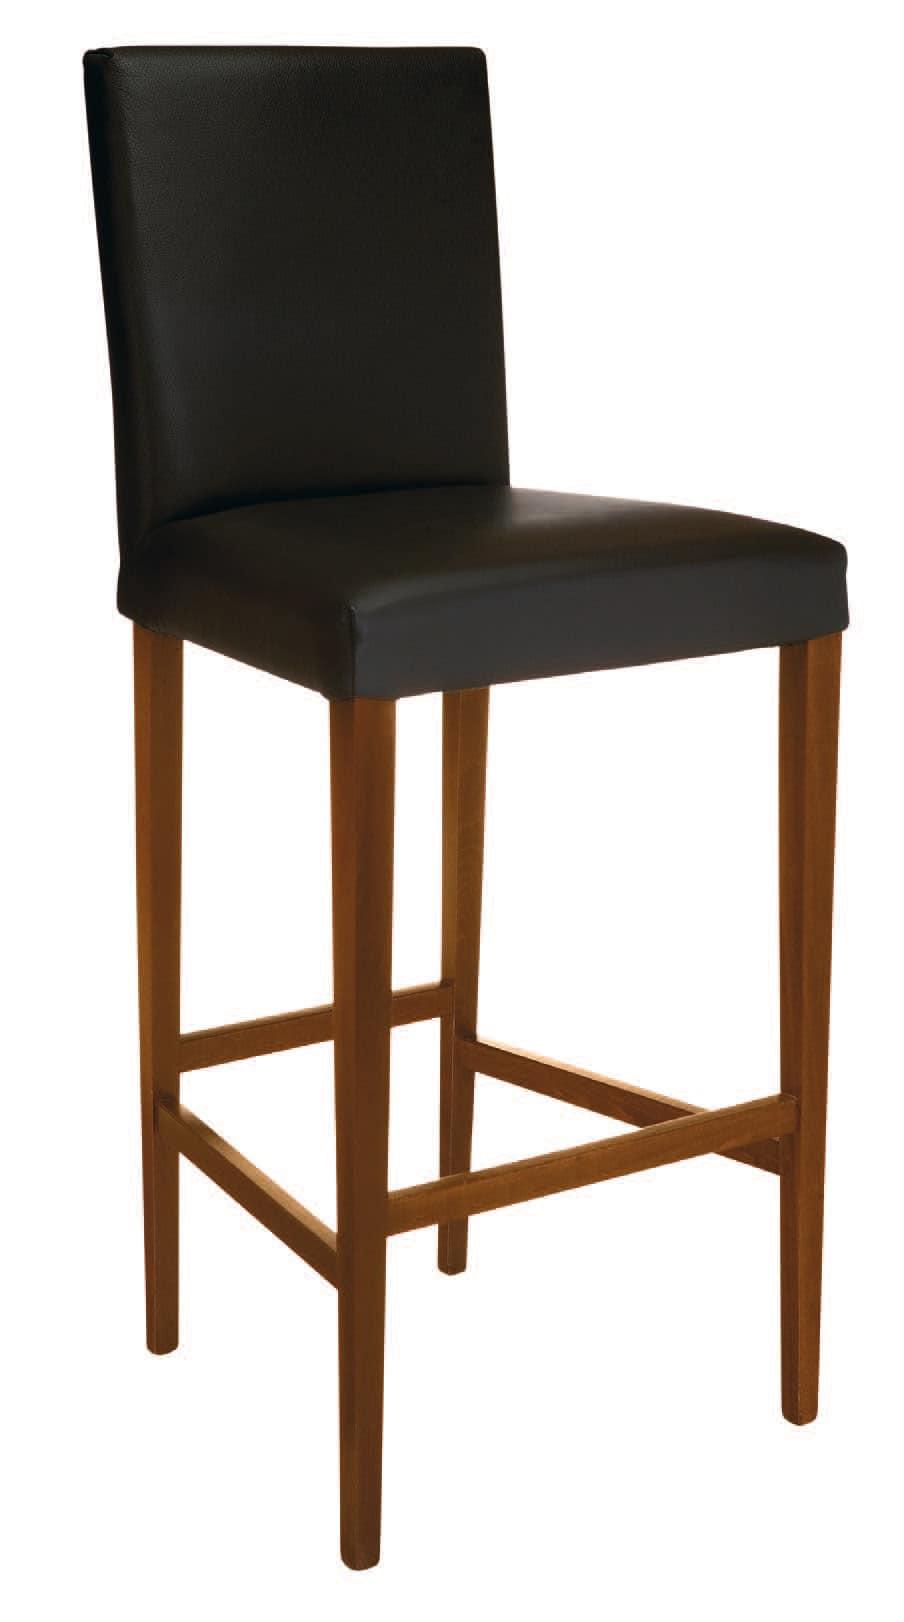 SG 1012, Hocker aus Holz mit gepolstertem Sitz und Rücken